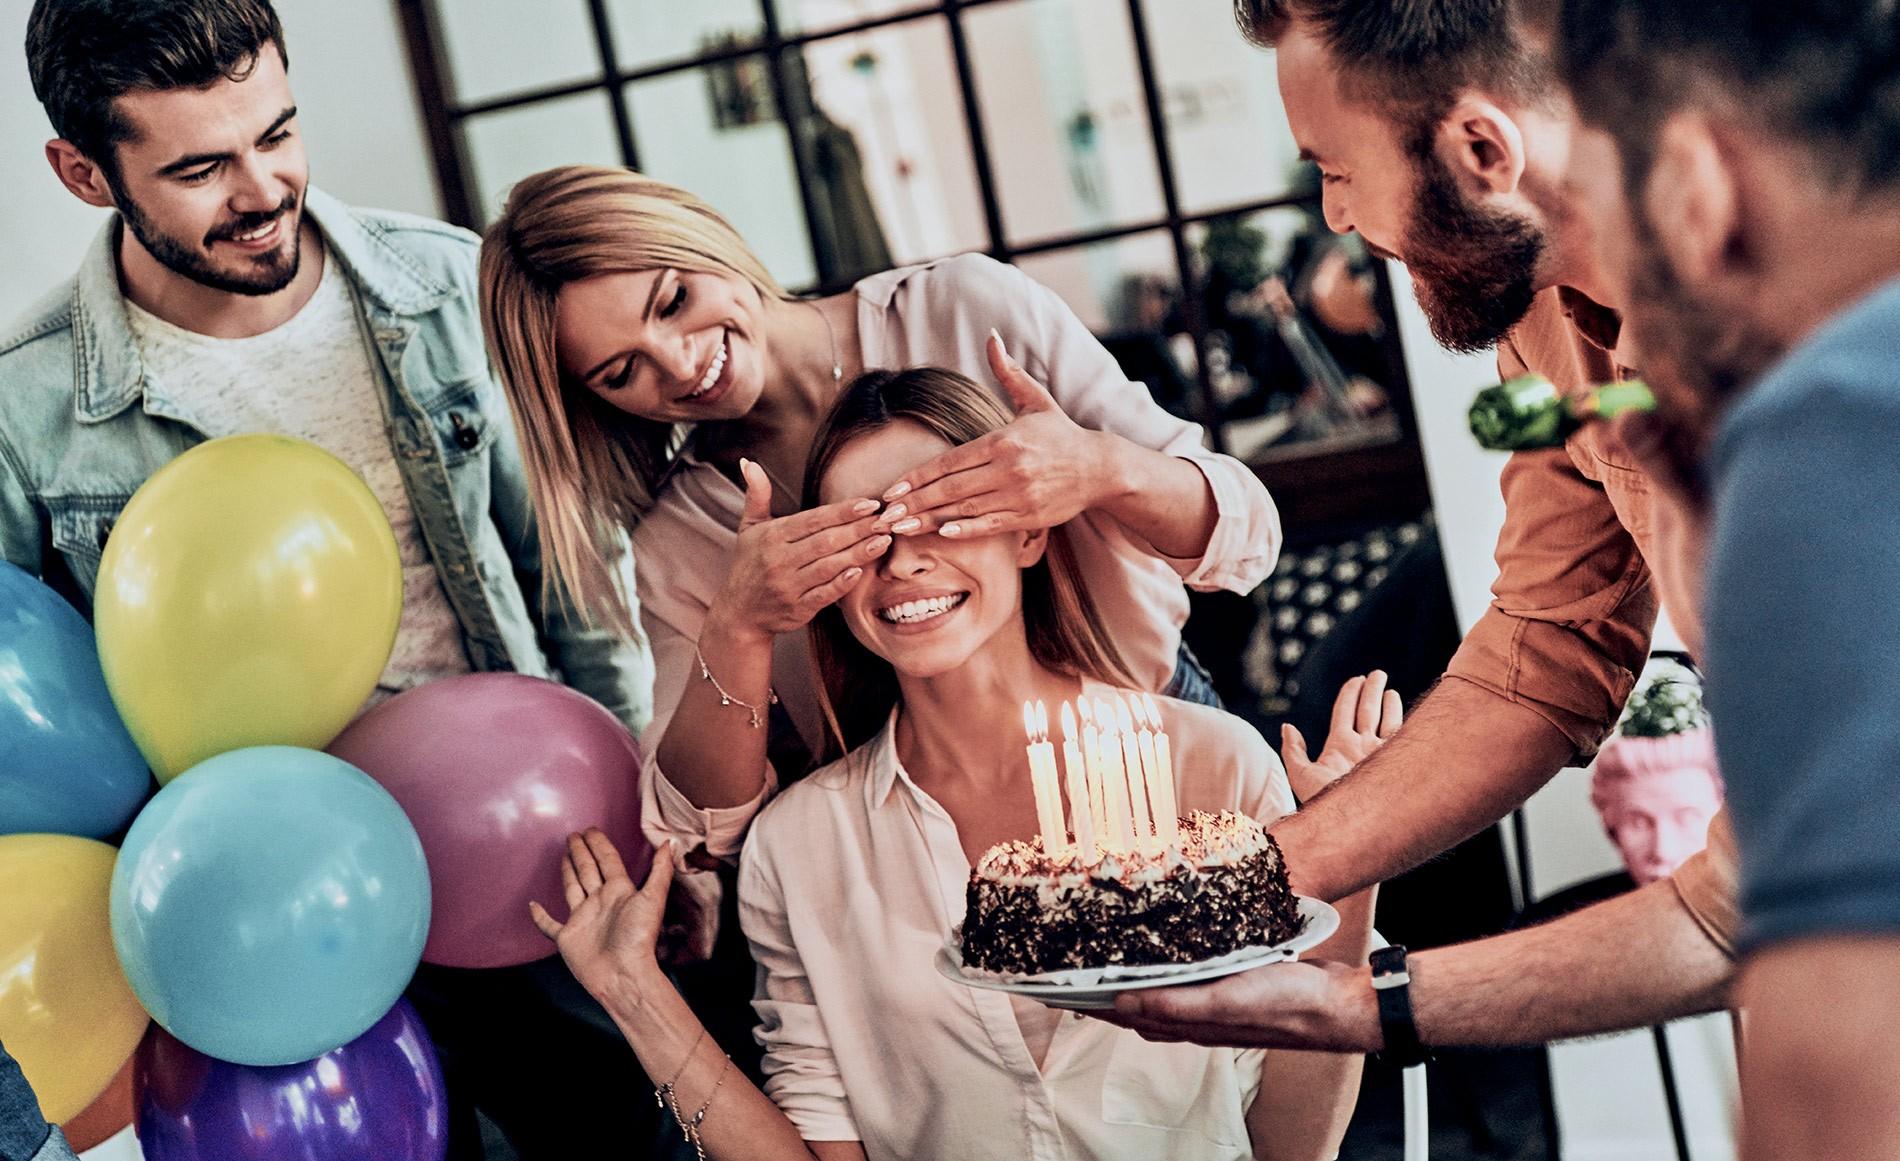 3 Idées Pour Organiser Un Anniversaire Surprise Original